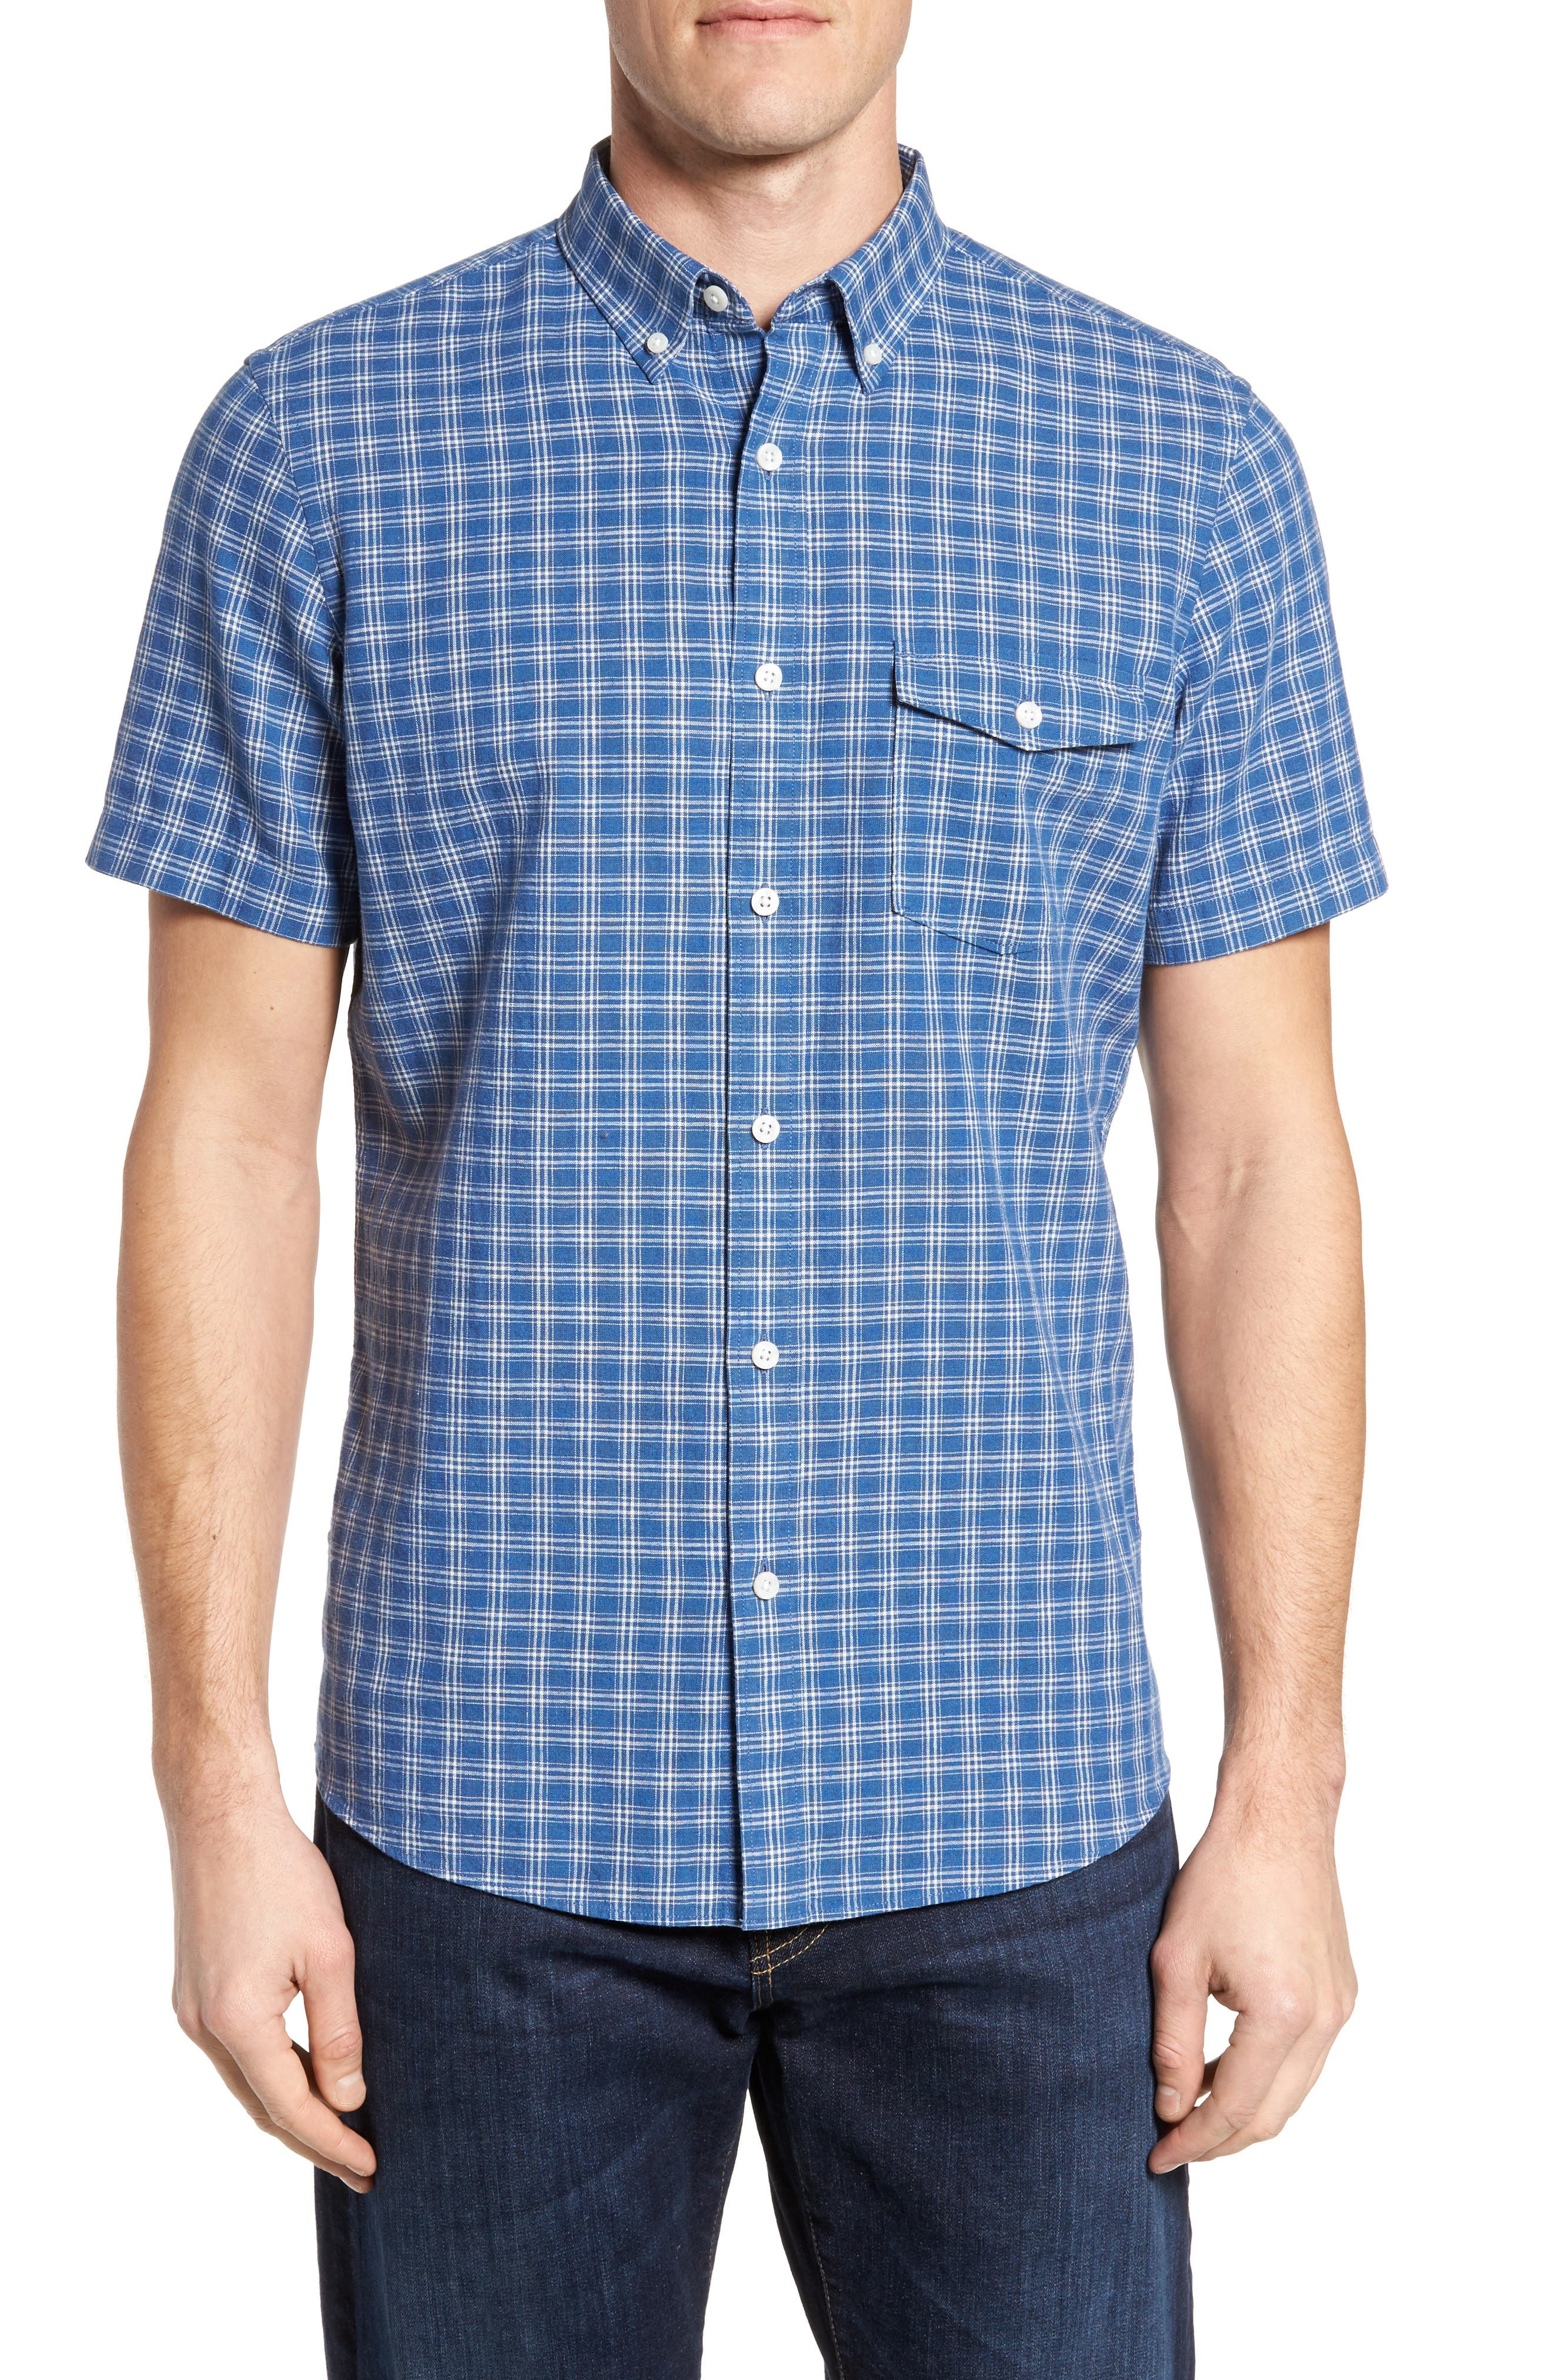 Ivy Trim Fit Check Sport Shirt,                         Main,                         color, Blue Indigo White Plaid